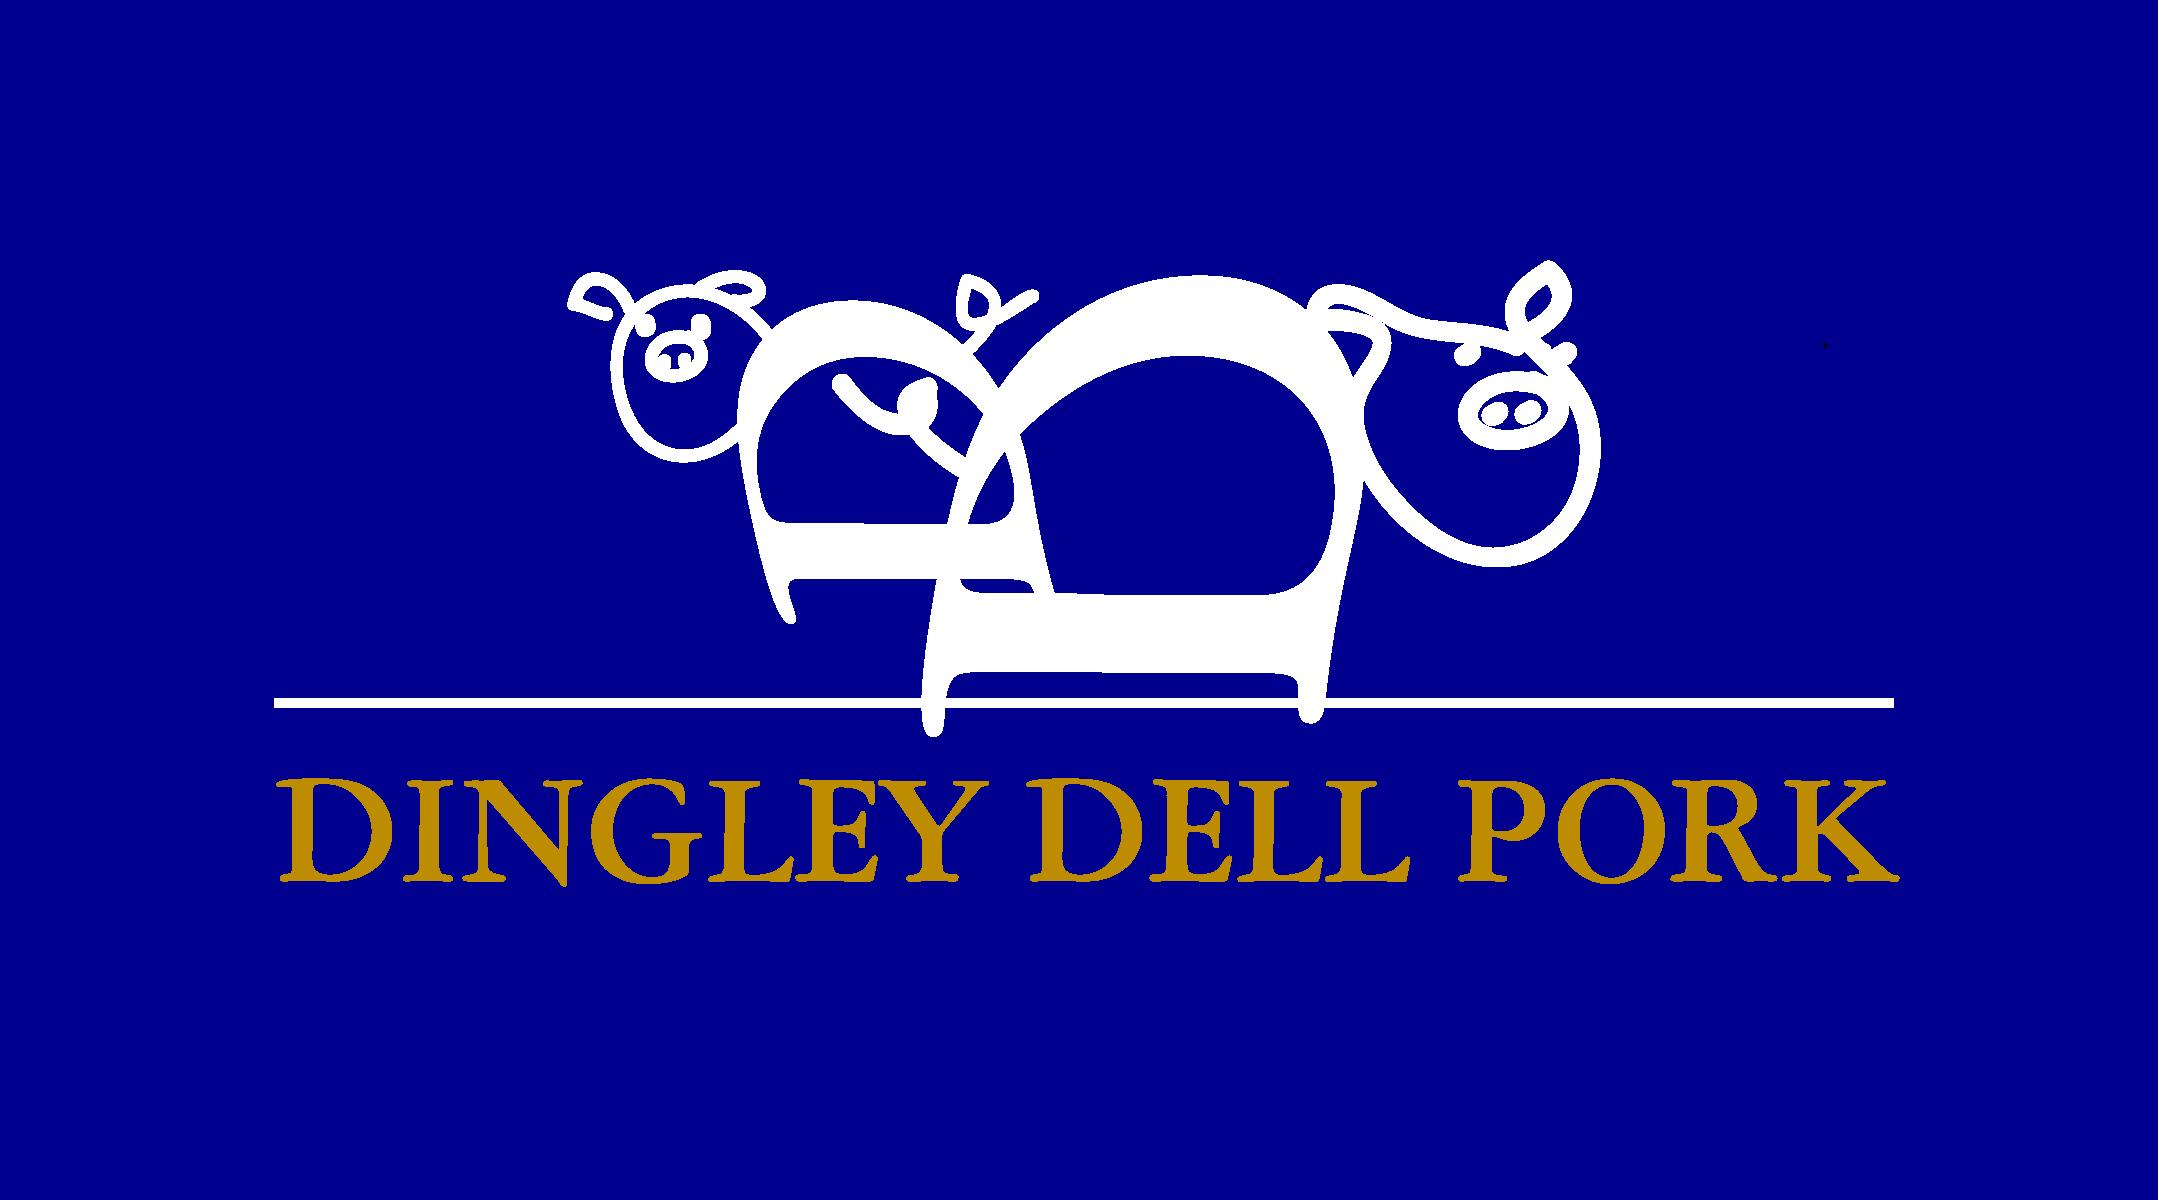 Dingley Dell Pork